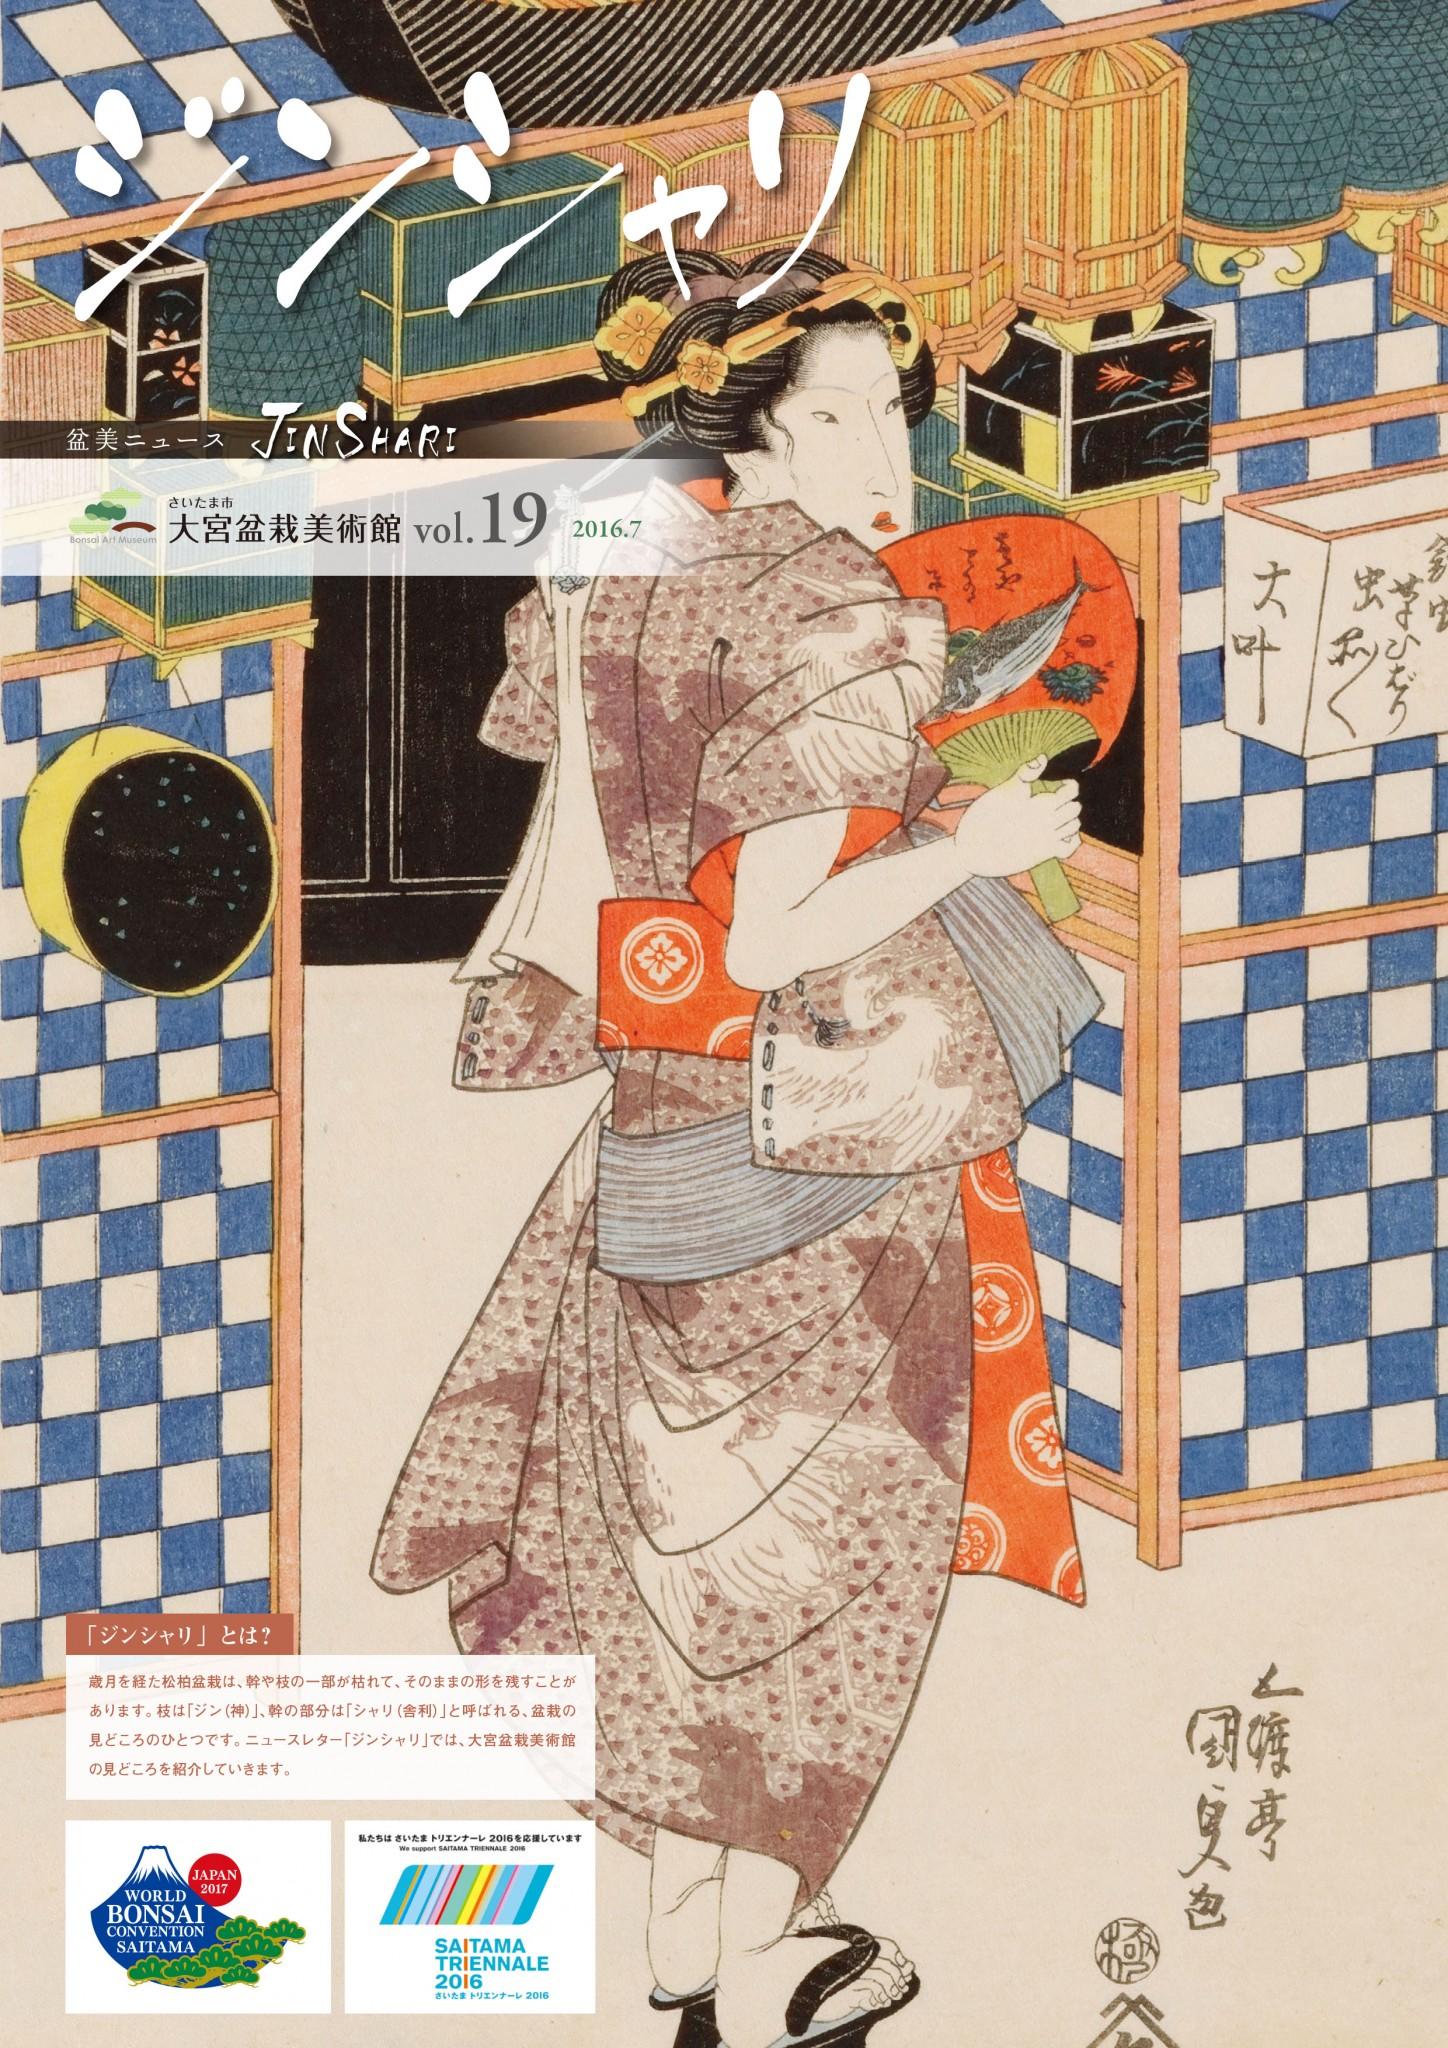 Jinshari Vol.19